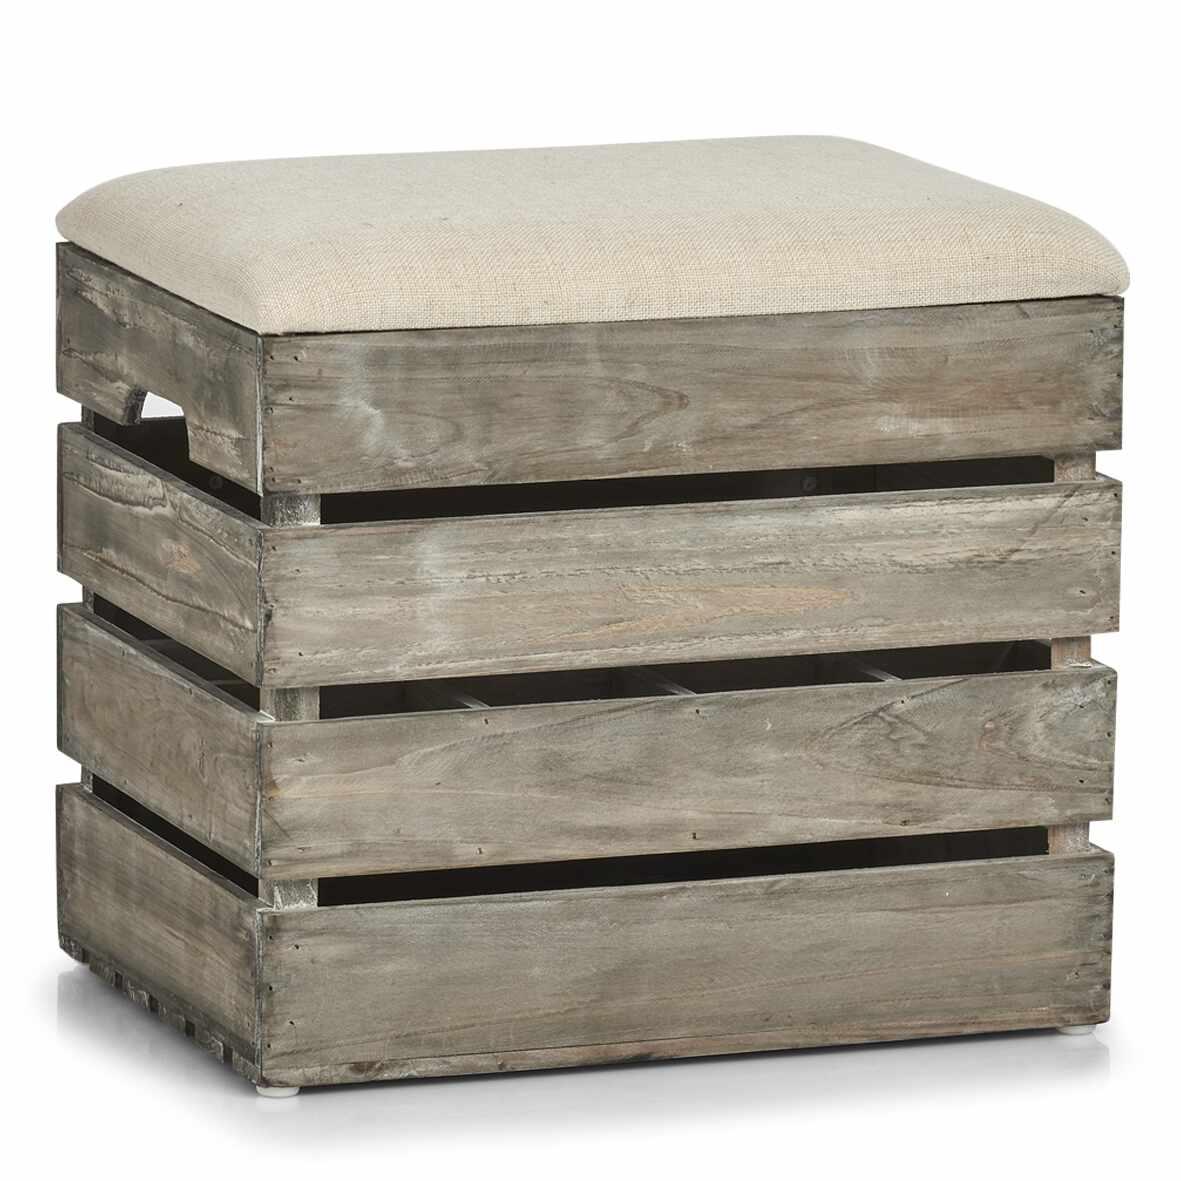 Taburet din lemn cu spatiu de depozitare, Wood Natural, l40xA29,5xH37 cm la pret 264 lei